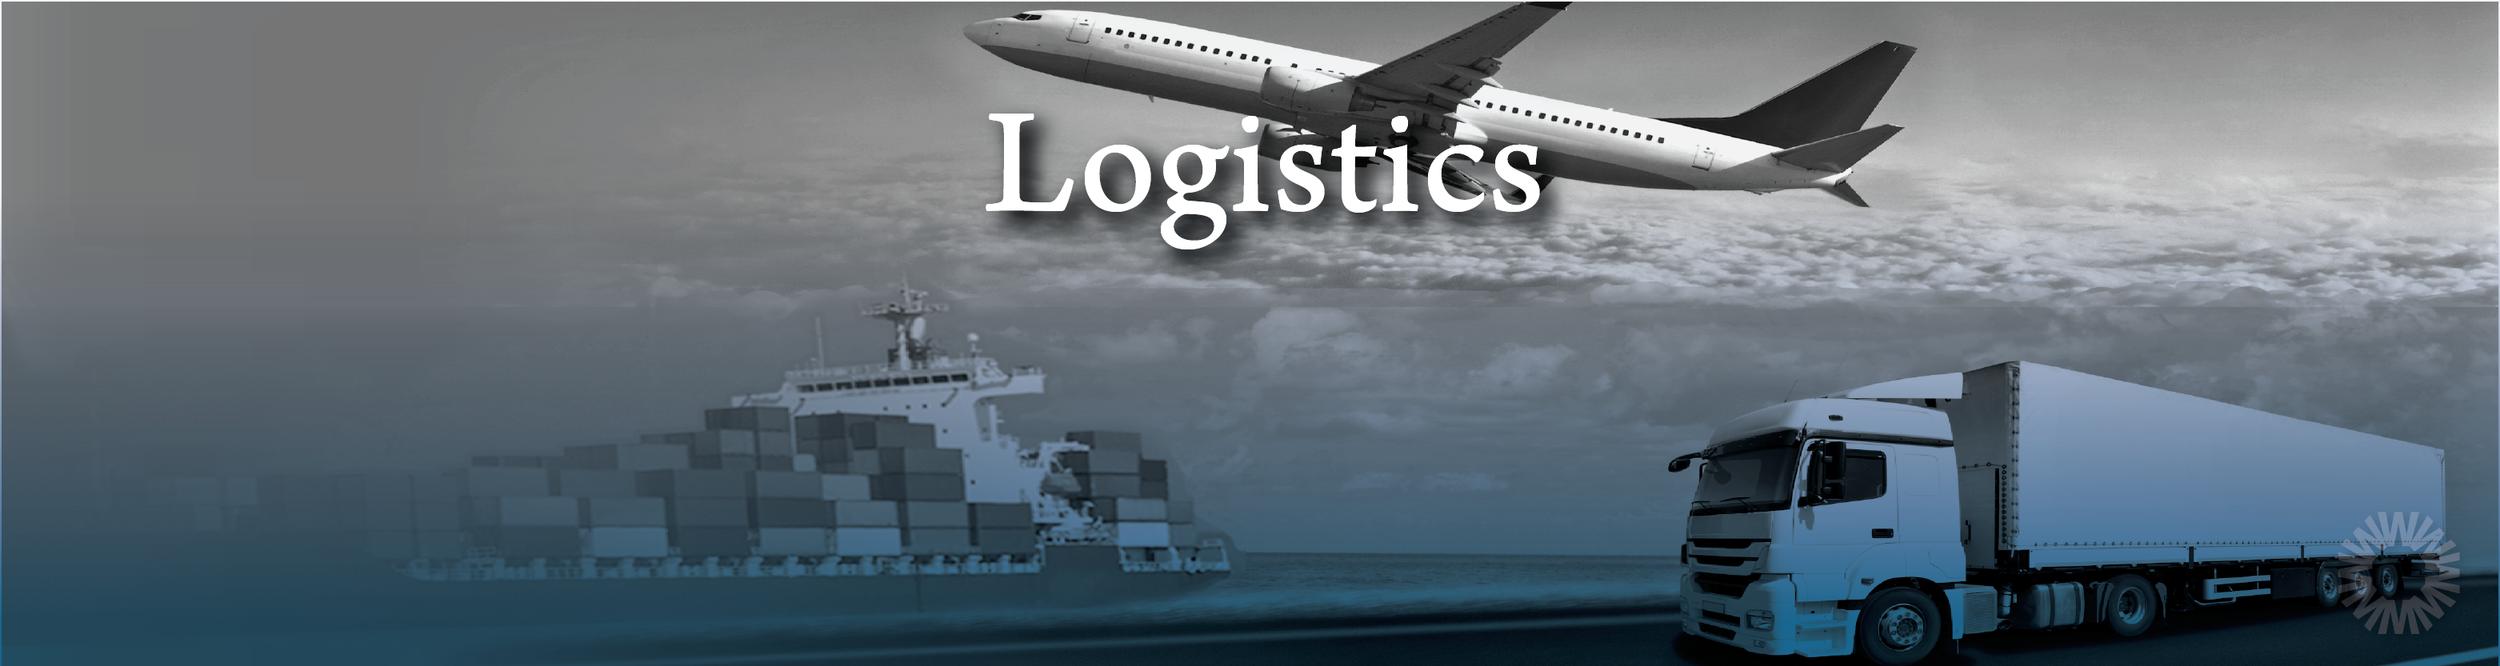 logistics-header.png